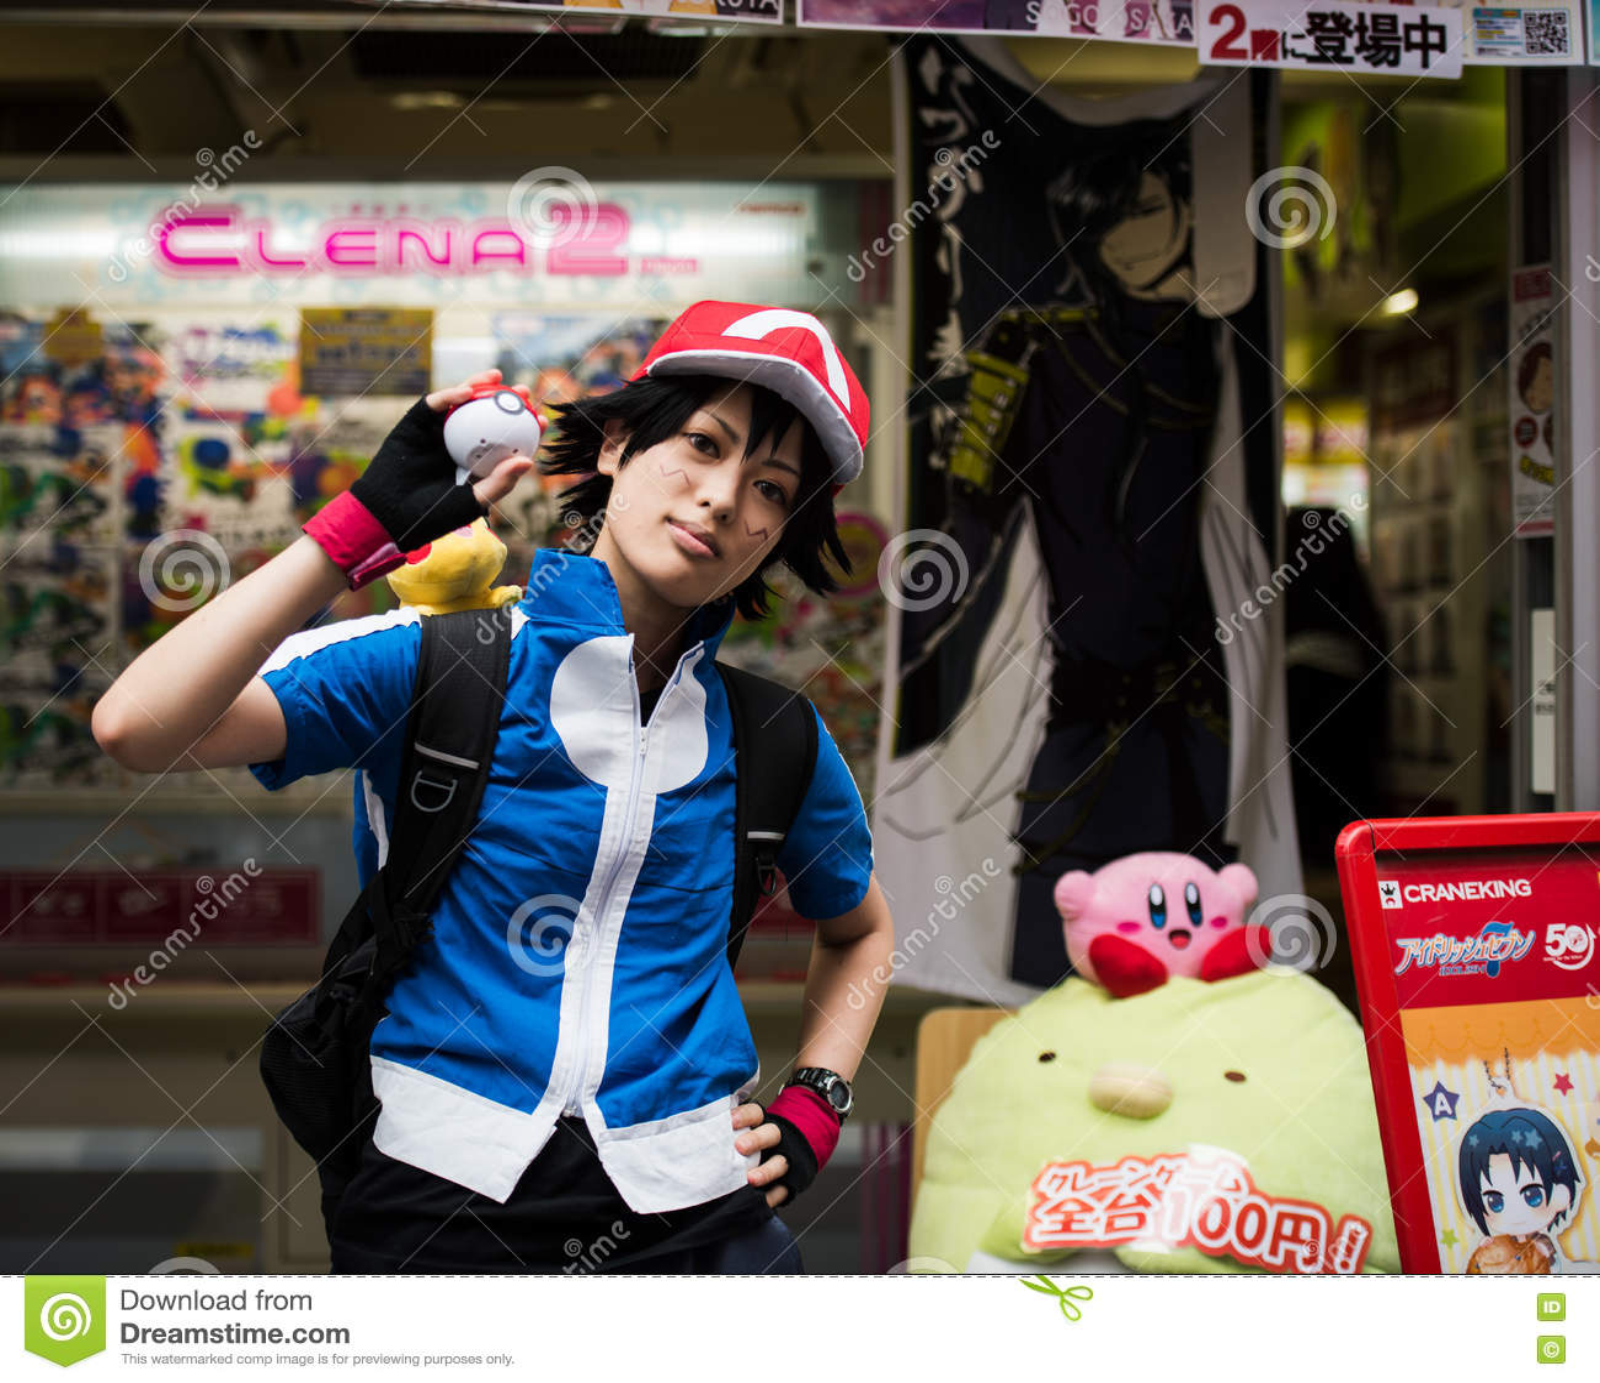 Pokemontrainer